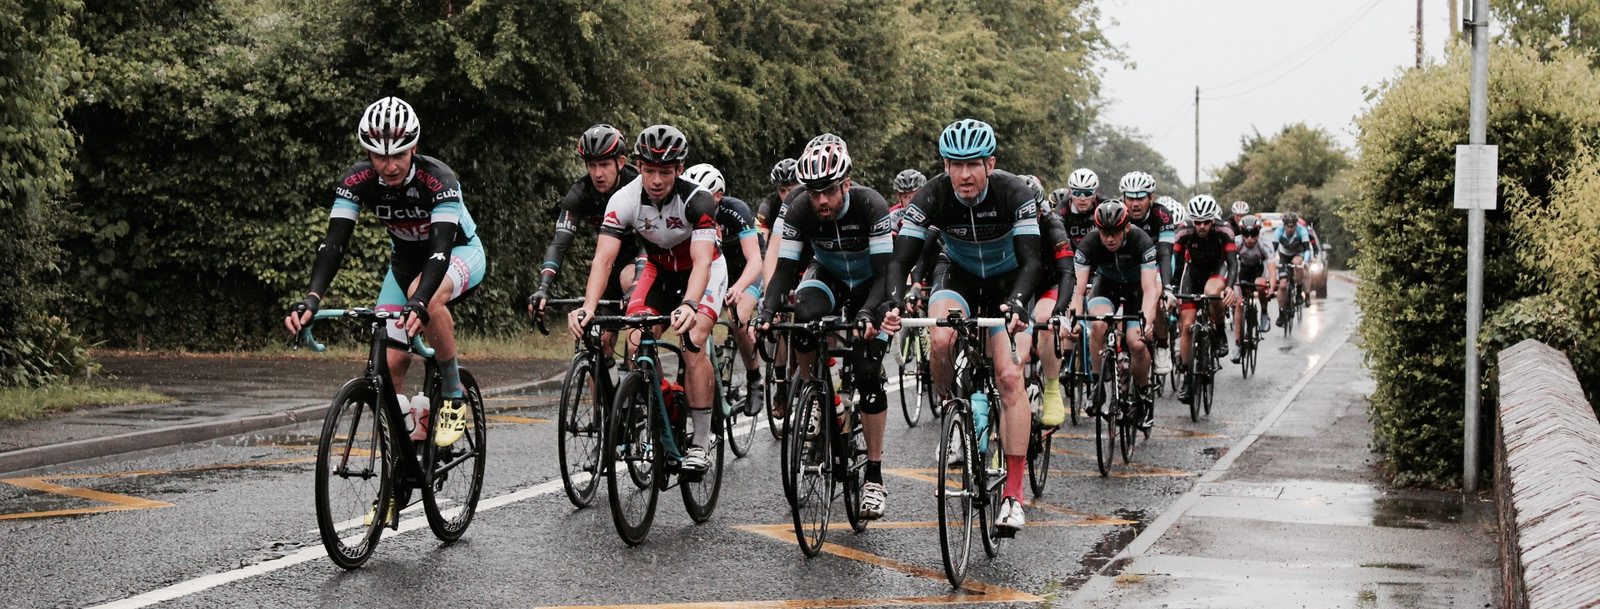 Benenden Sandhurst 234 Road Race